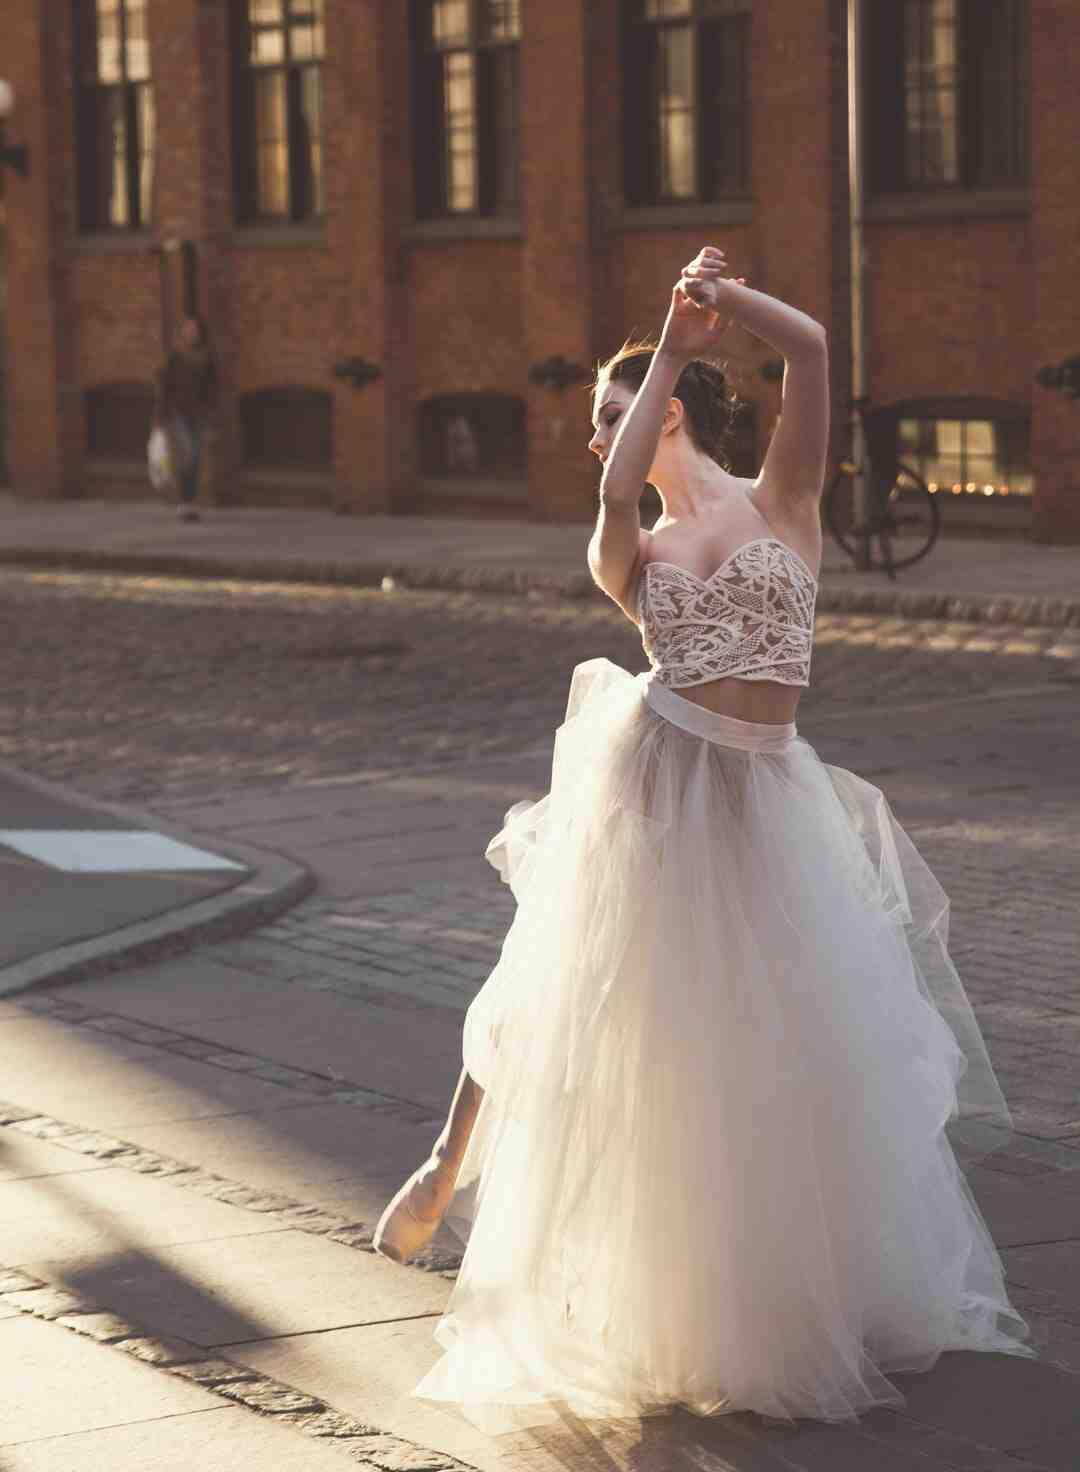 Danse : Zouk Comment apprendre à danser